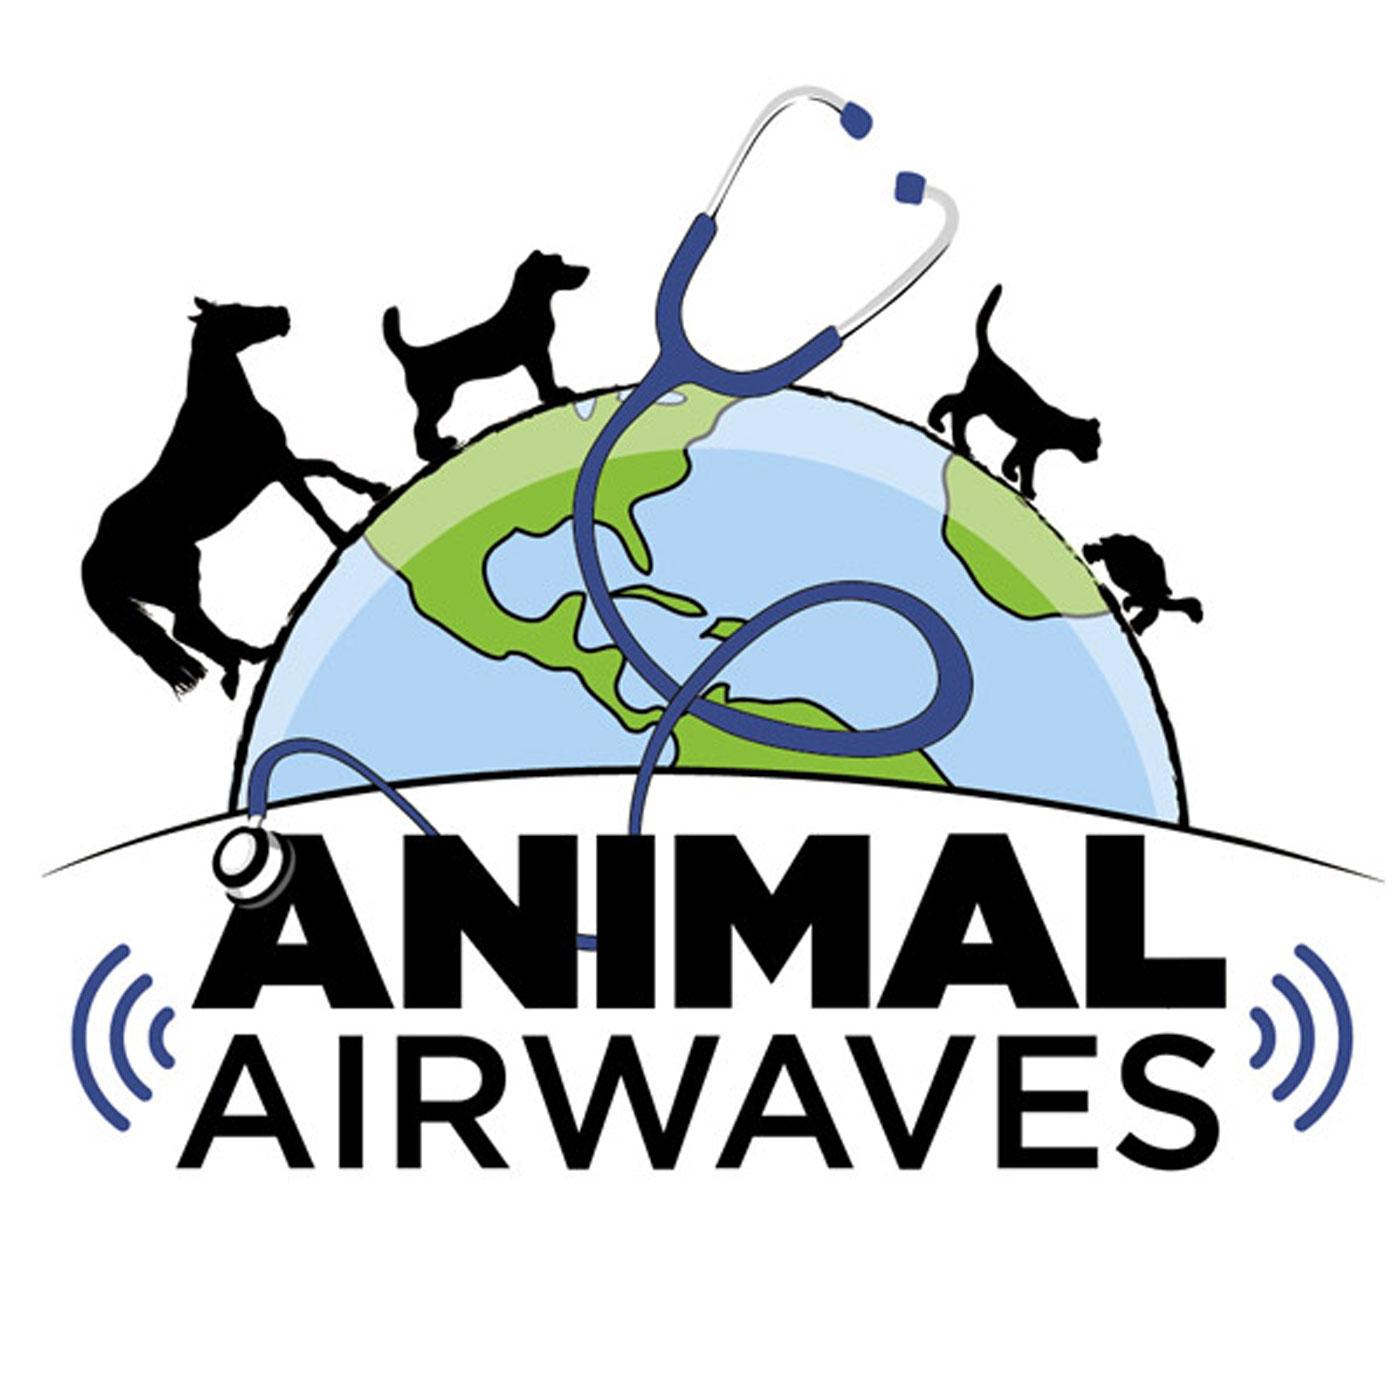 Animal Airwaves